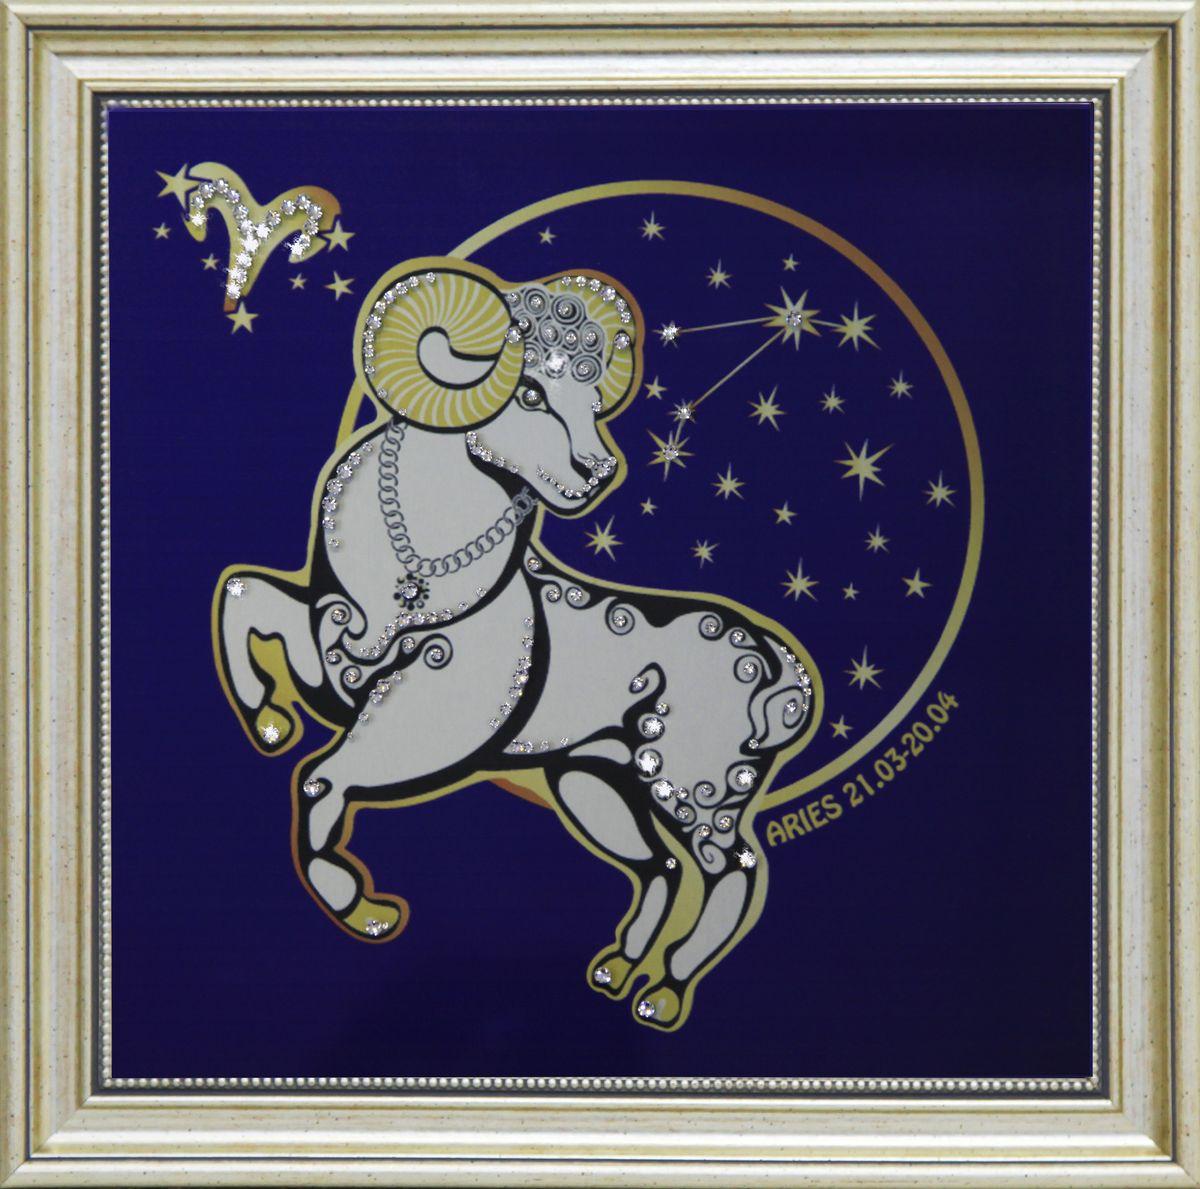 1745 Картина Сваровски Звездный Овен1745Картина в багете, инкрустированная кристалами сваровски